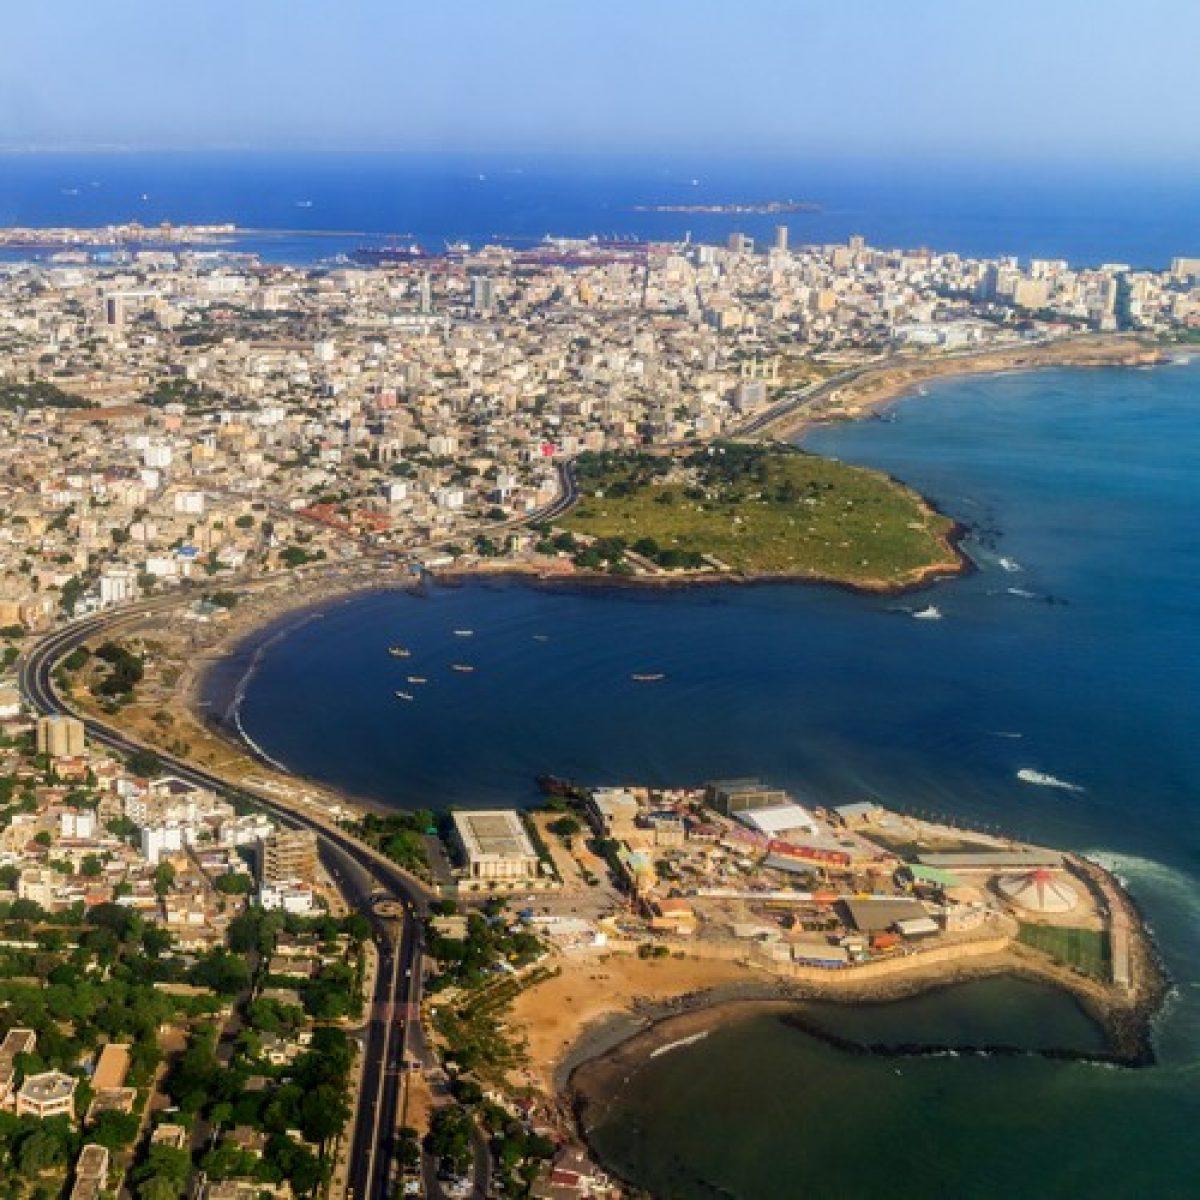 From Dakar